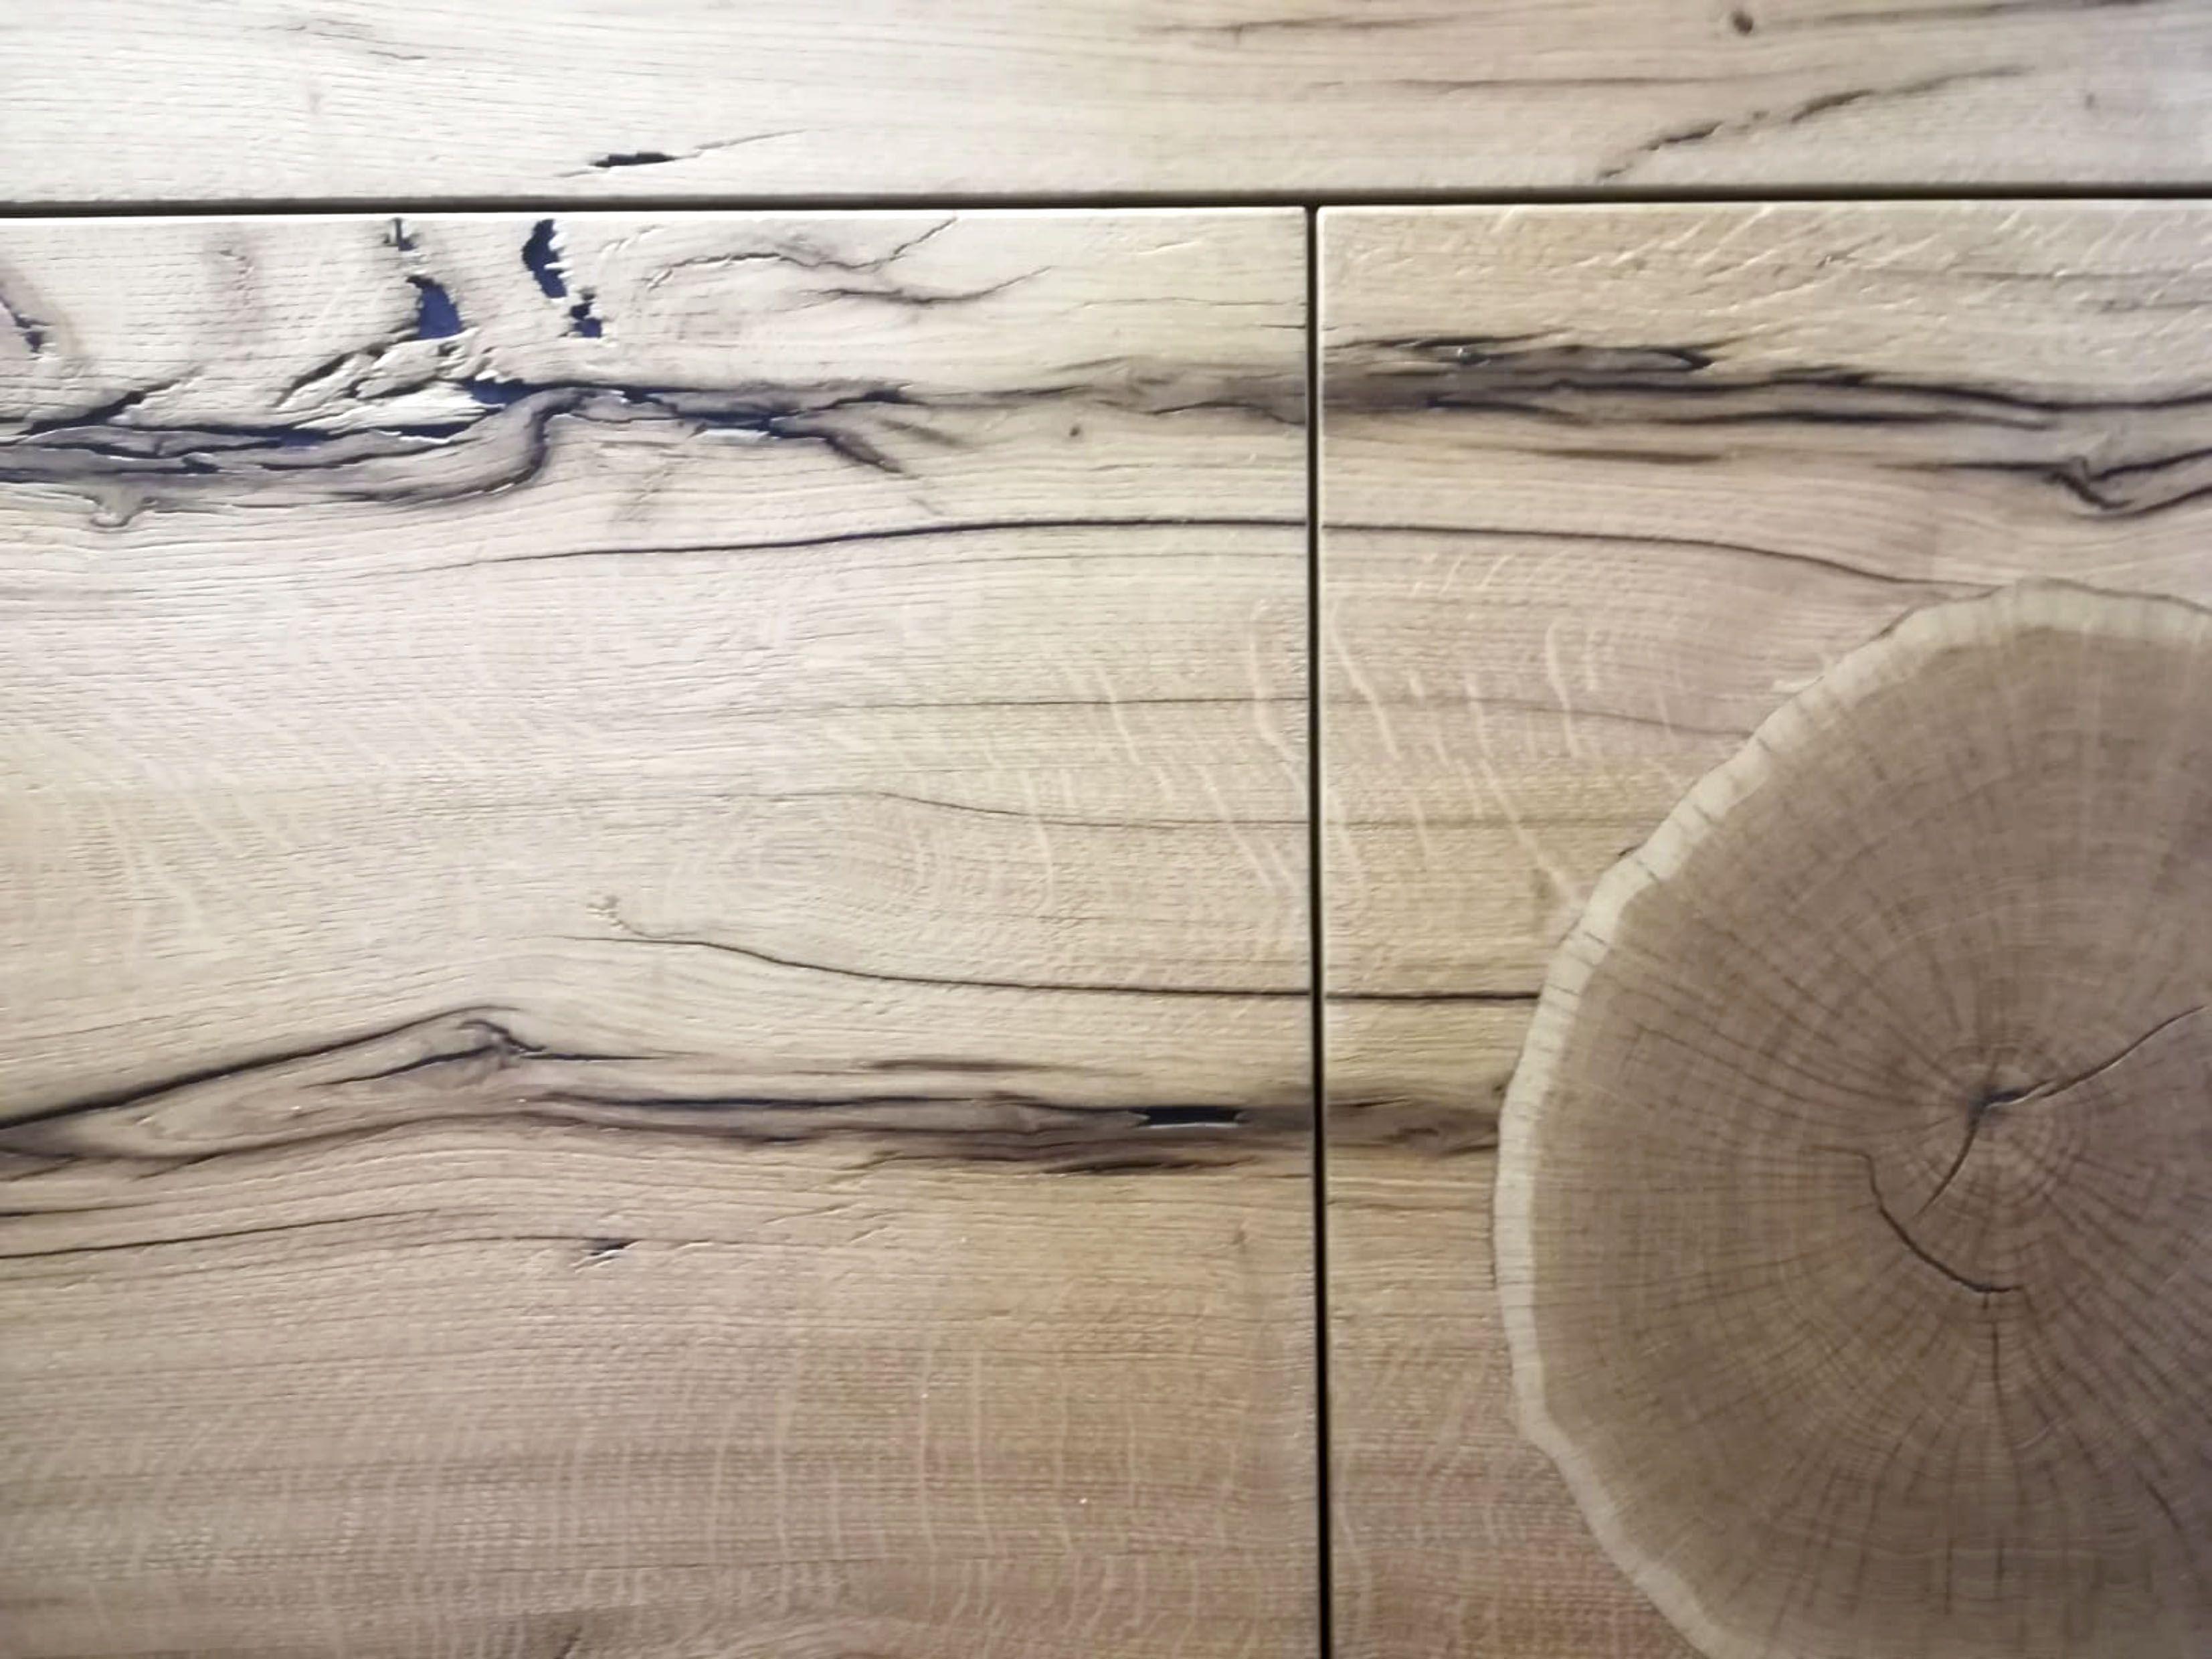 Design Mit Viel Kopfchen Technisch Gesehen Wird Bei Dieser Spannenden Edelfurnier Variante Nur Der Schnittwinkel Verandert Opt Mit Bildern Holz Furnier Rechteck